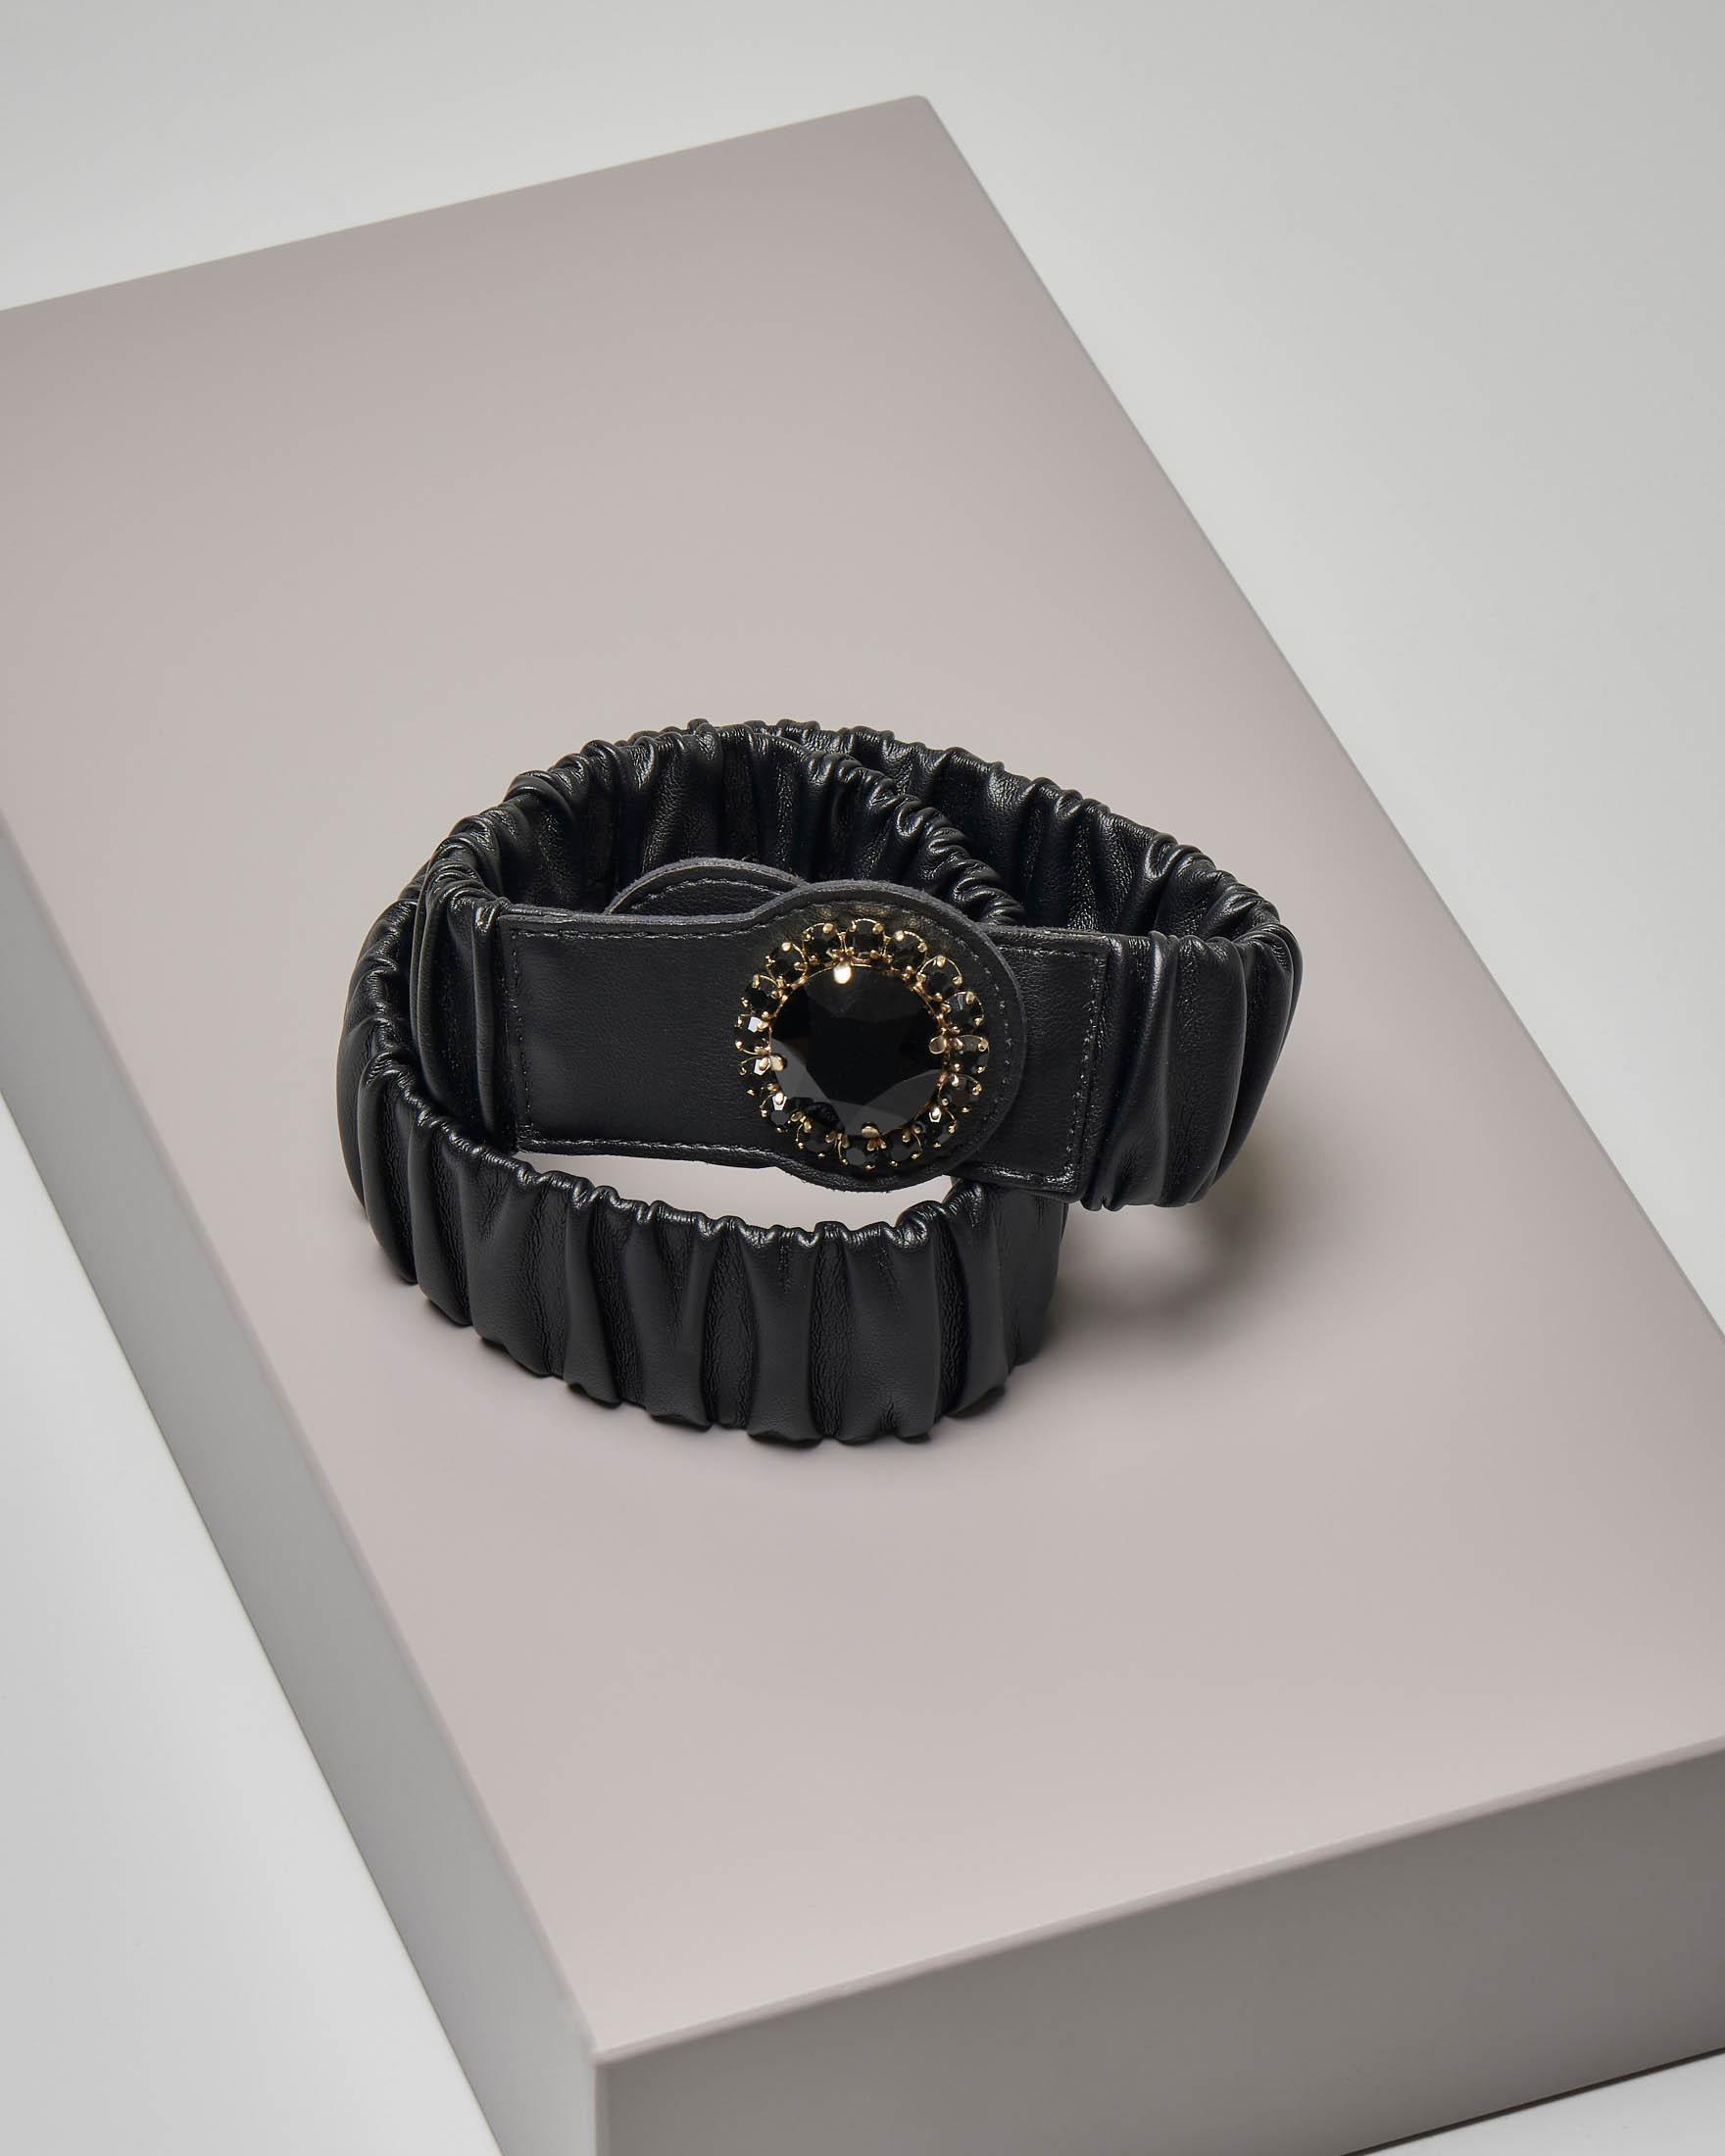 Cintura in ecopelle nera effetto arricciato con chiusura gioiello tono su tono